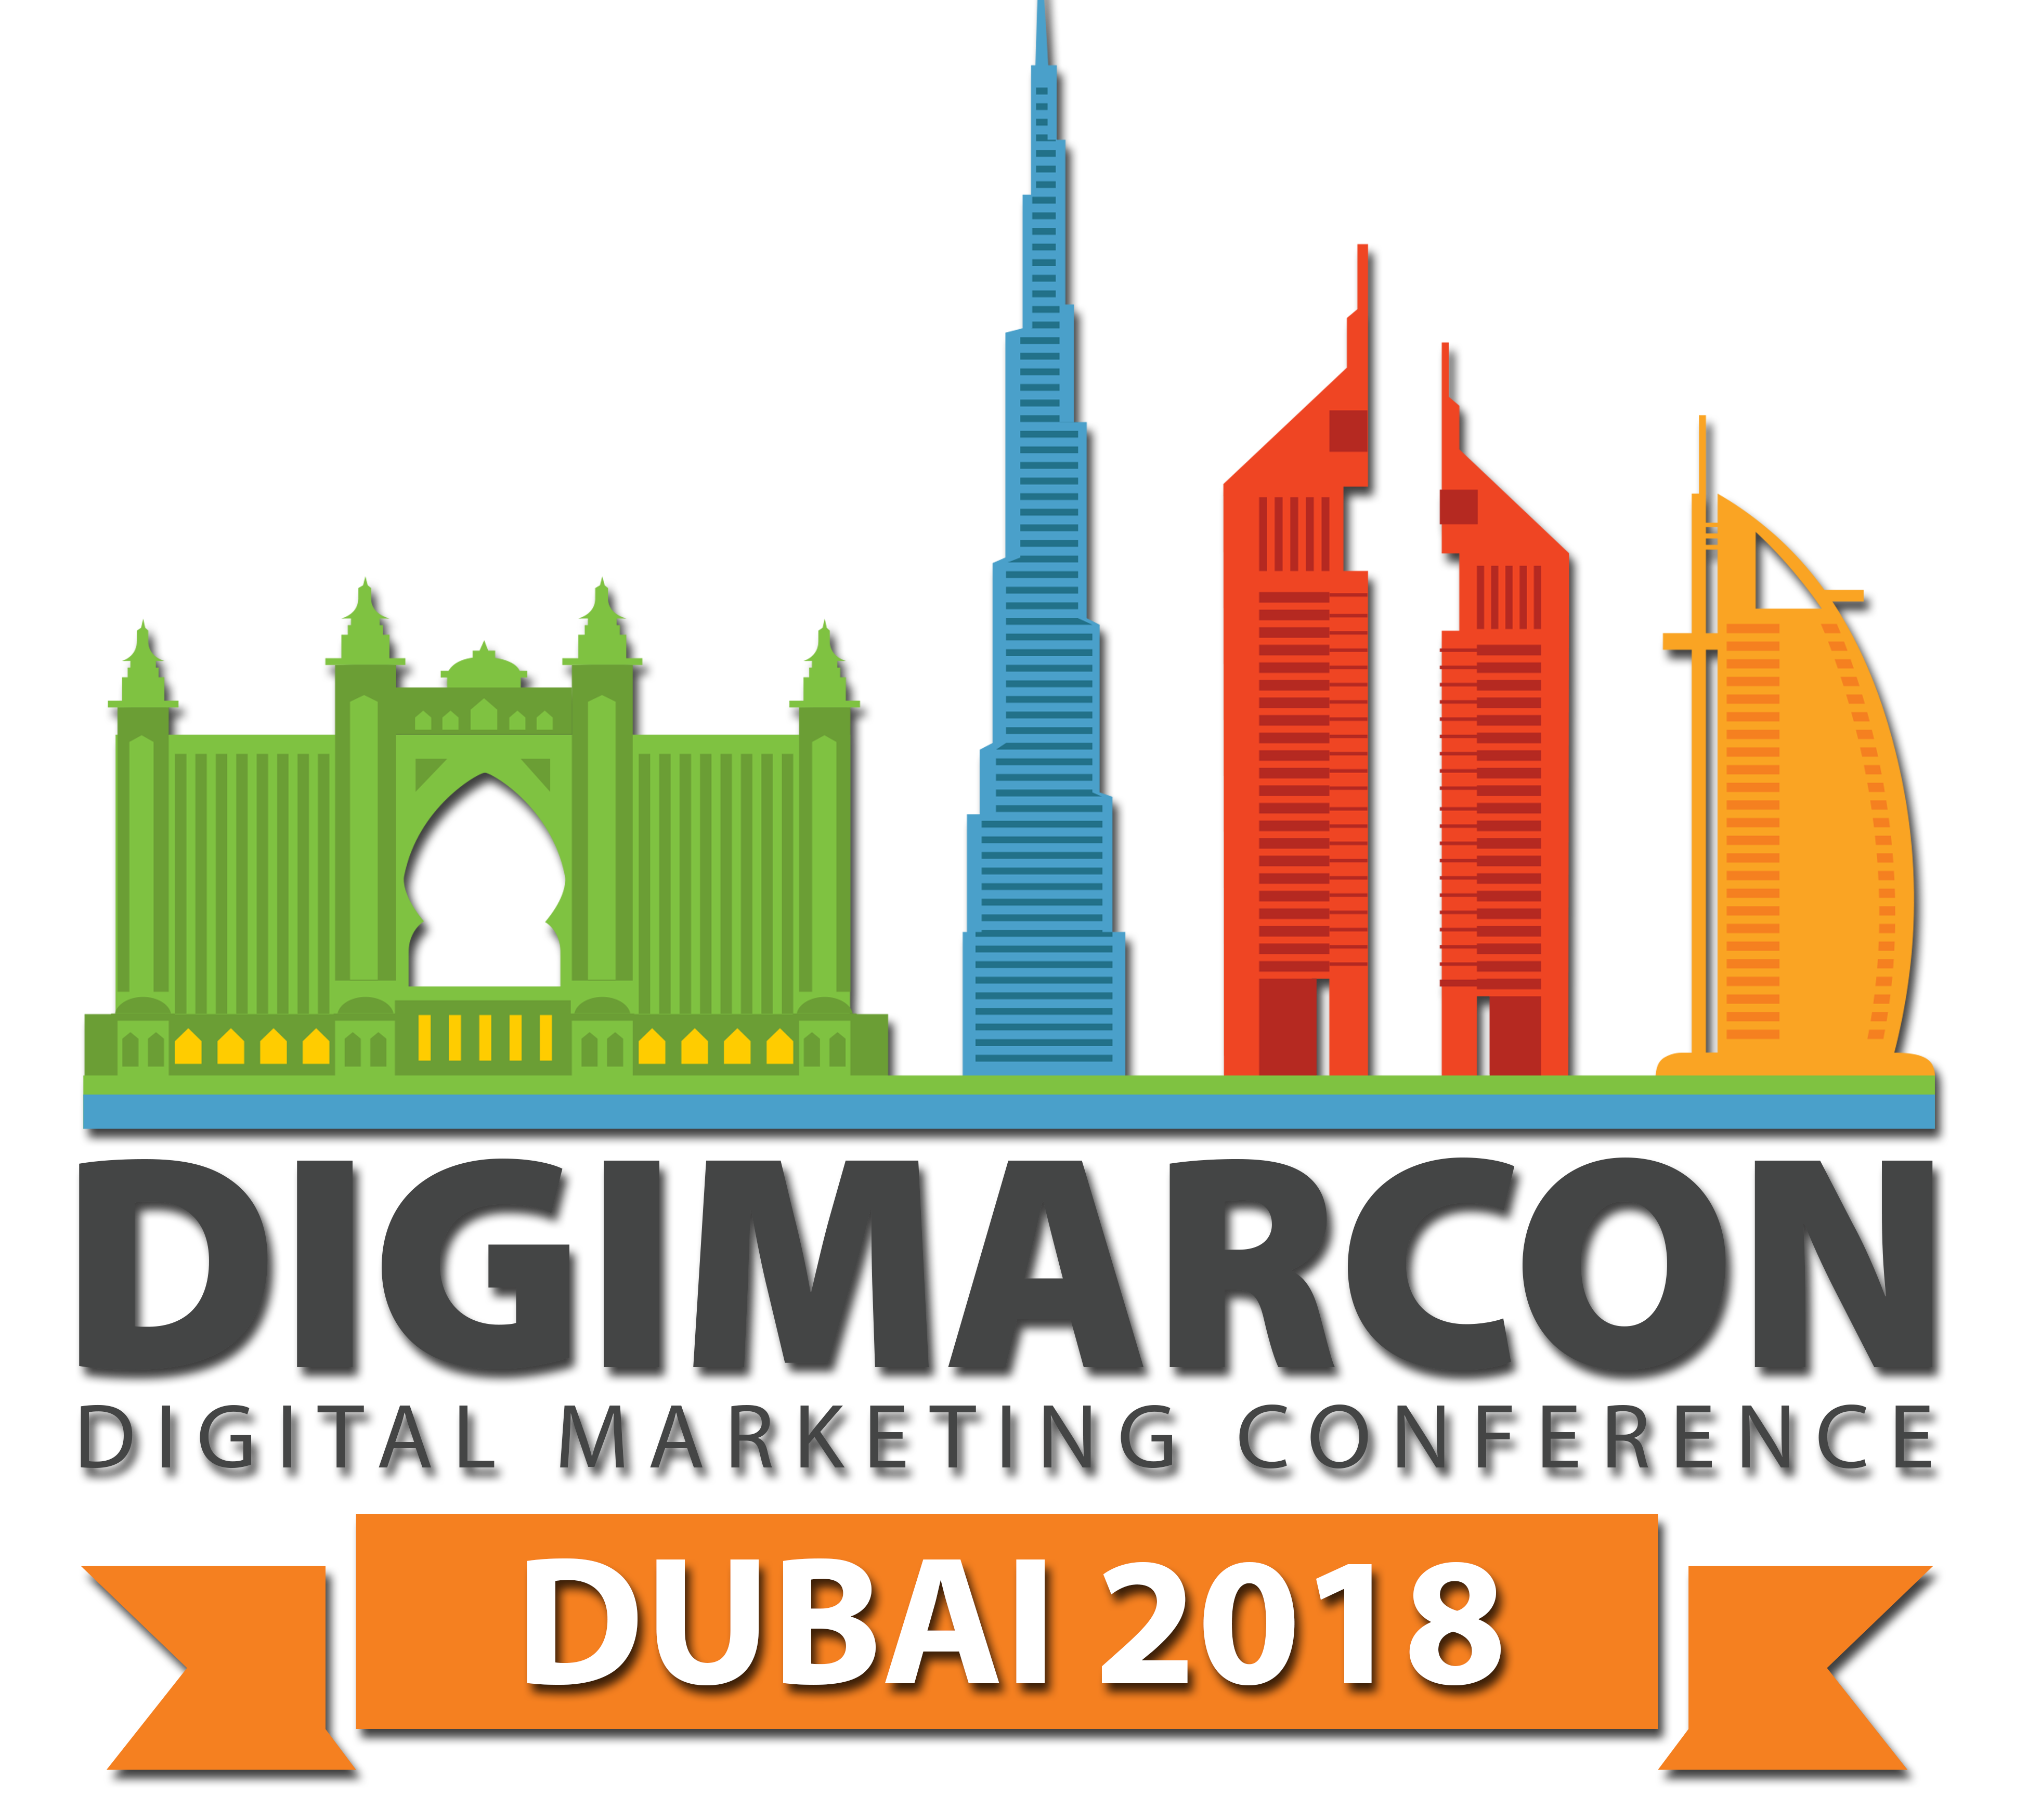 DigiMarCon Dubai 2018 · Oct 23